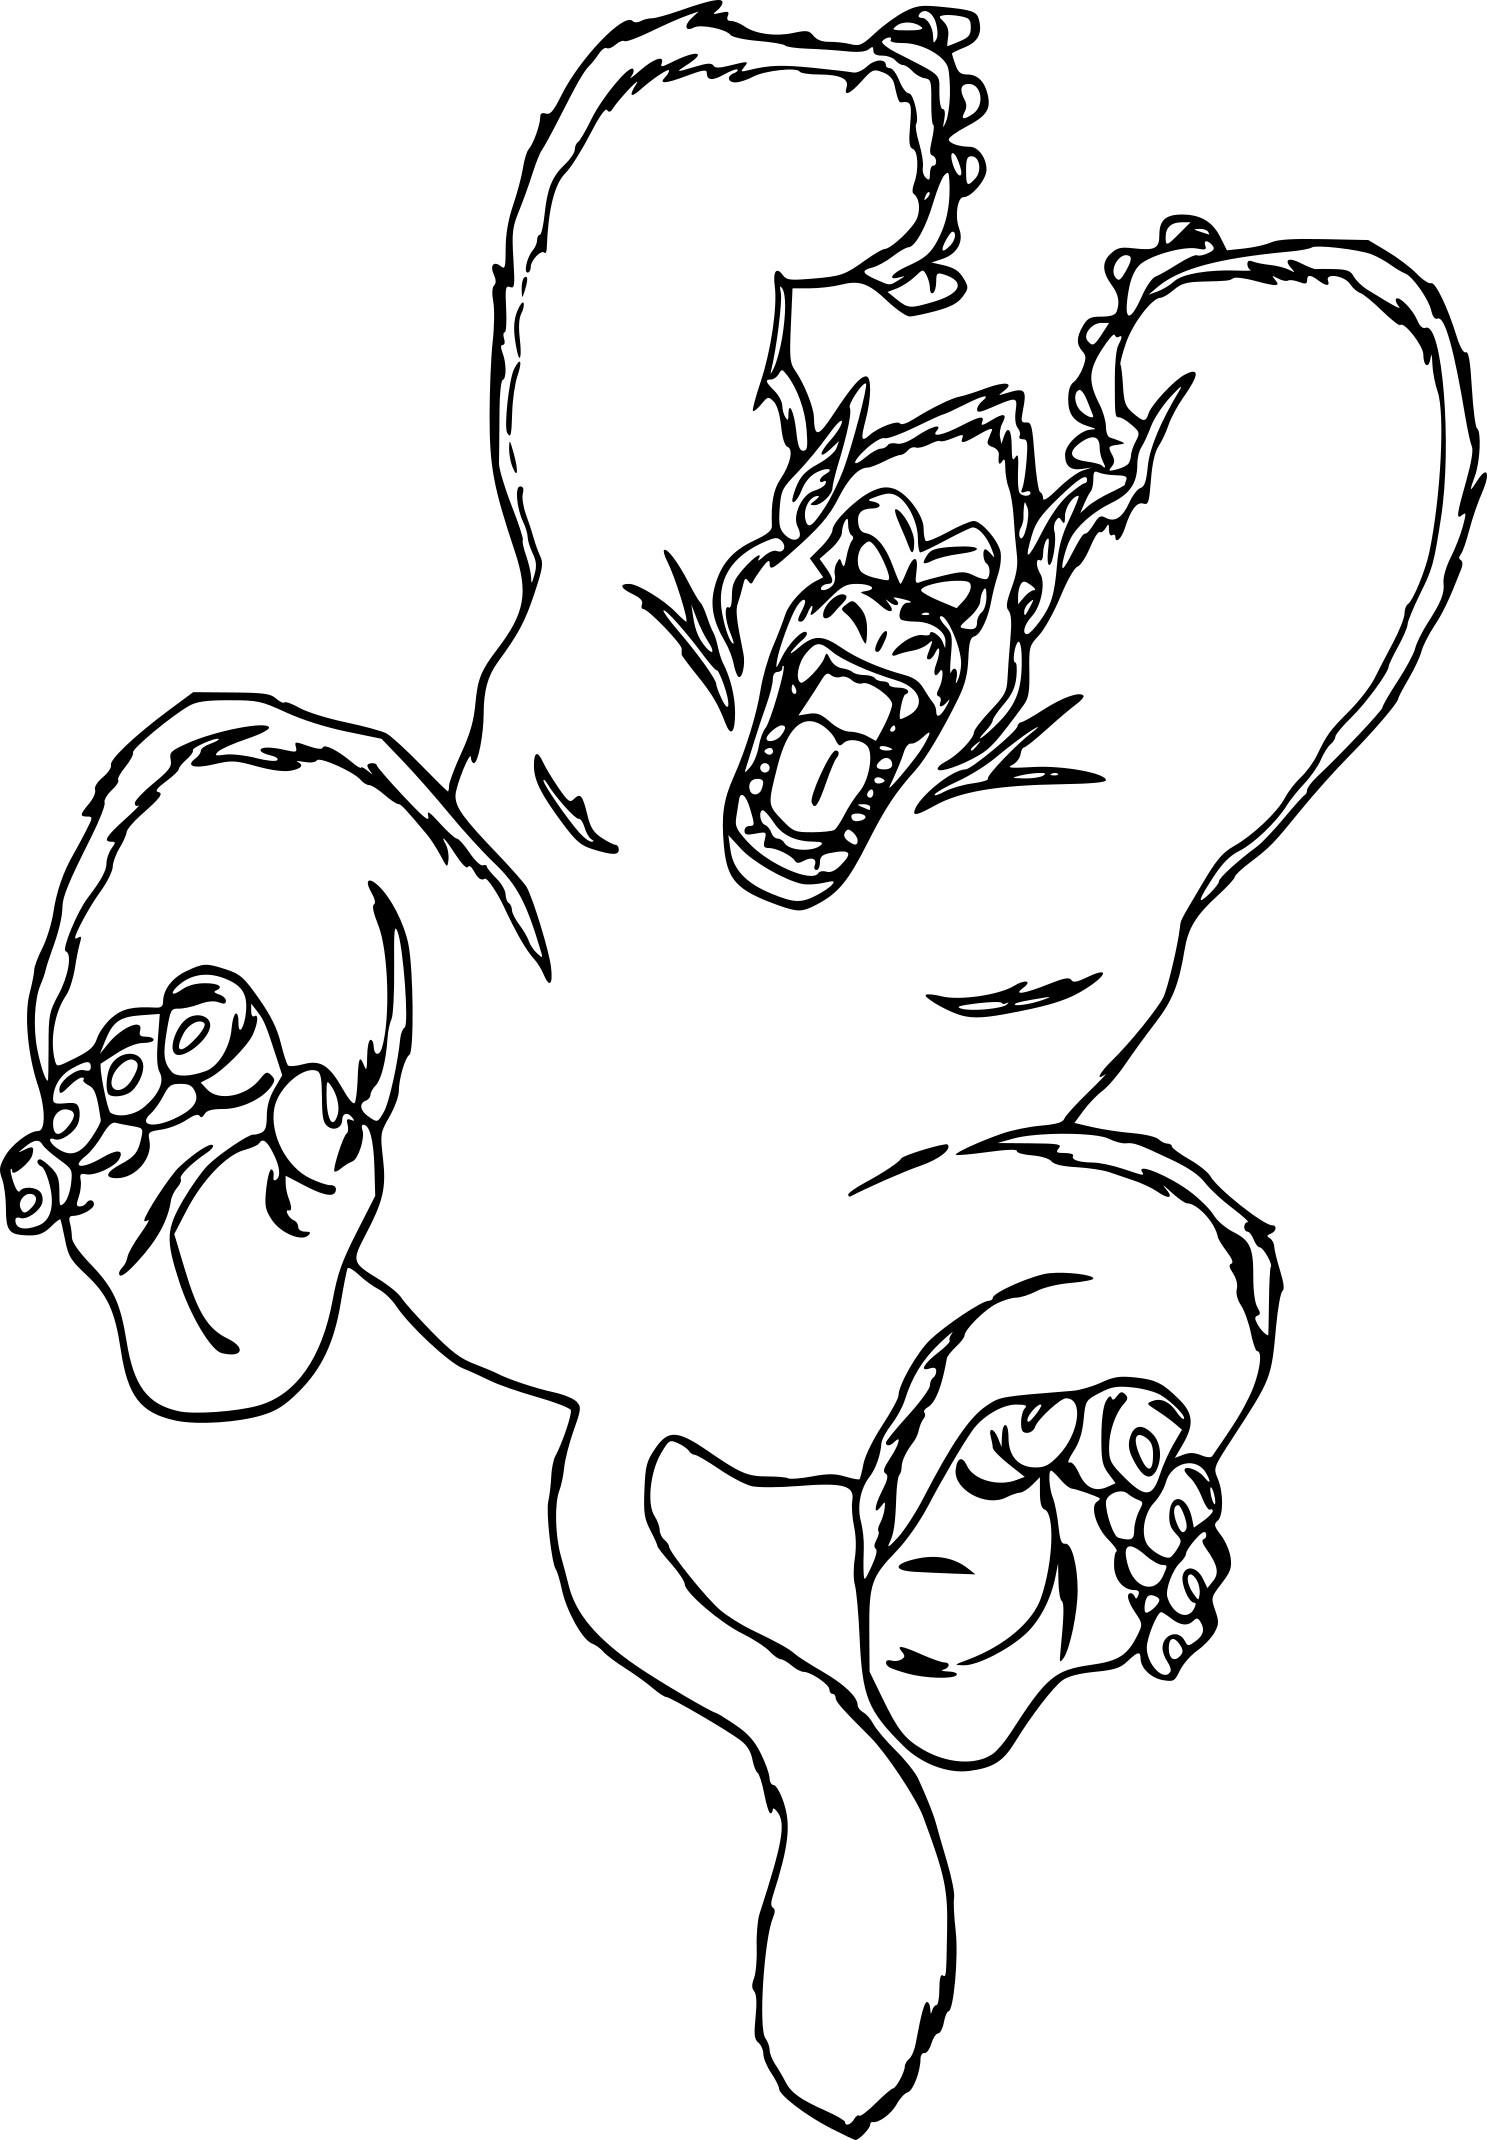 Coloriage Dragon Ball Z Gorille À Imprimer Sur Coloriages avec Coloriage Gorille